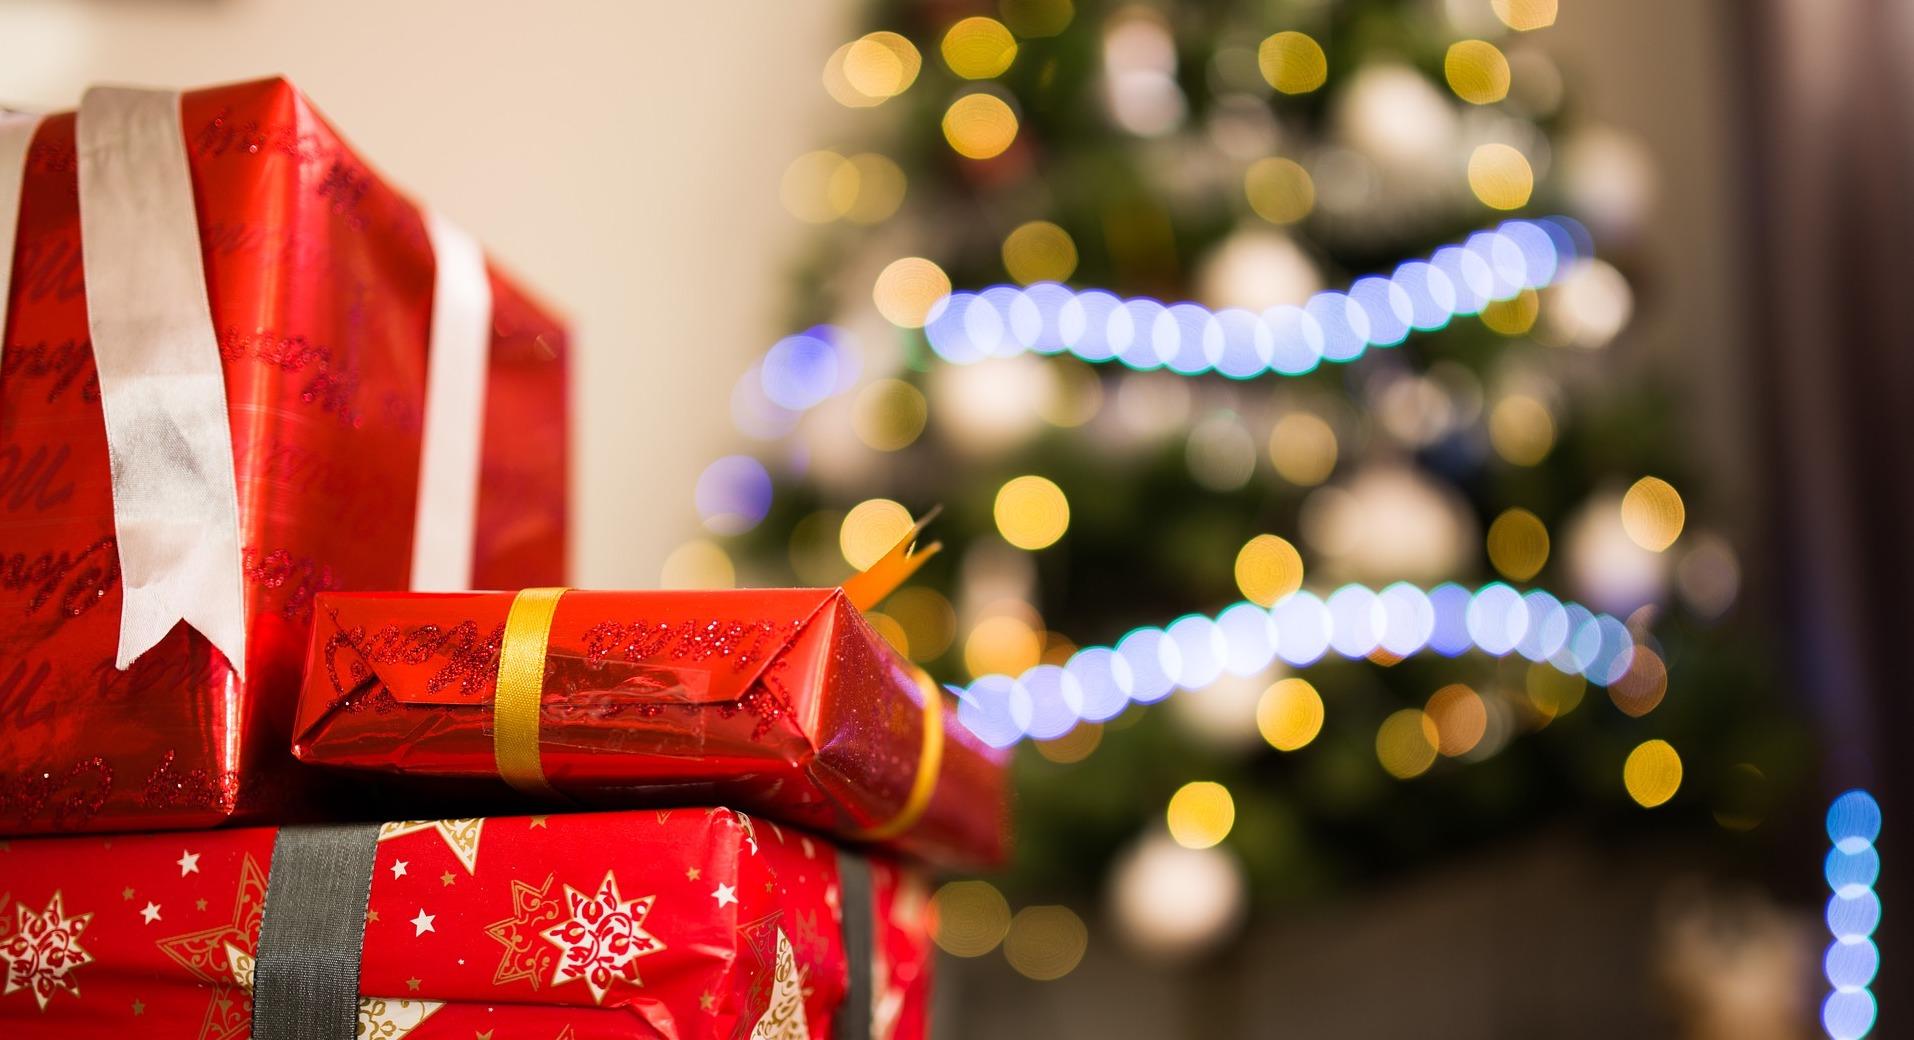 En retard sur vos cadeaux de Noël ? Clac des Doigts s'occupe de vous les acheter !